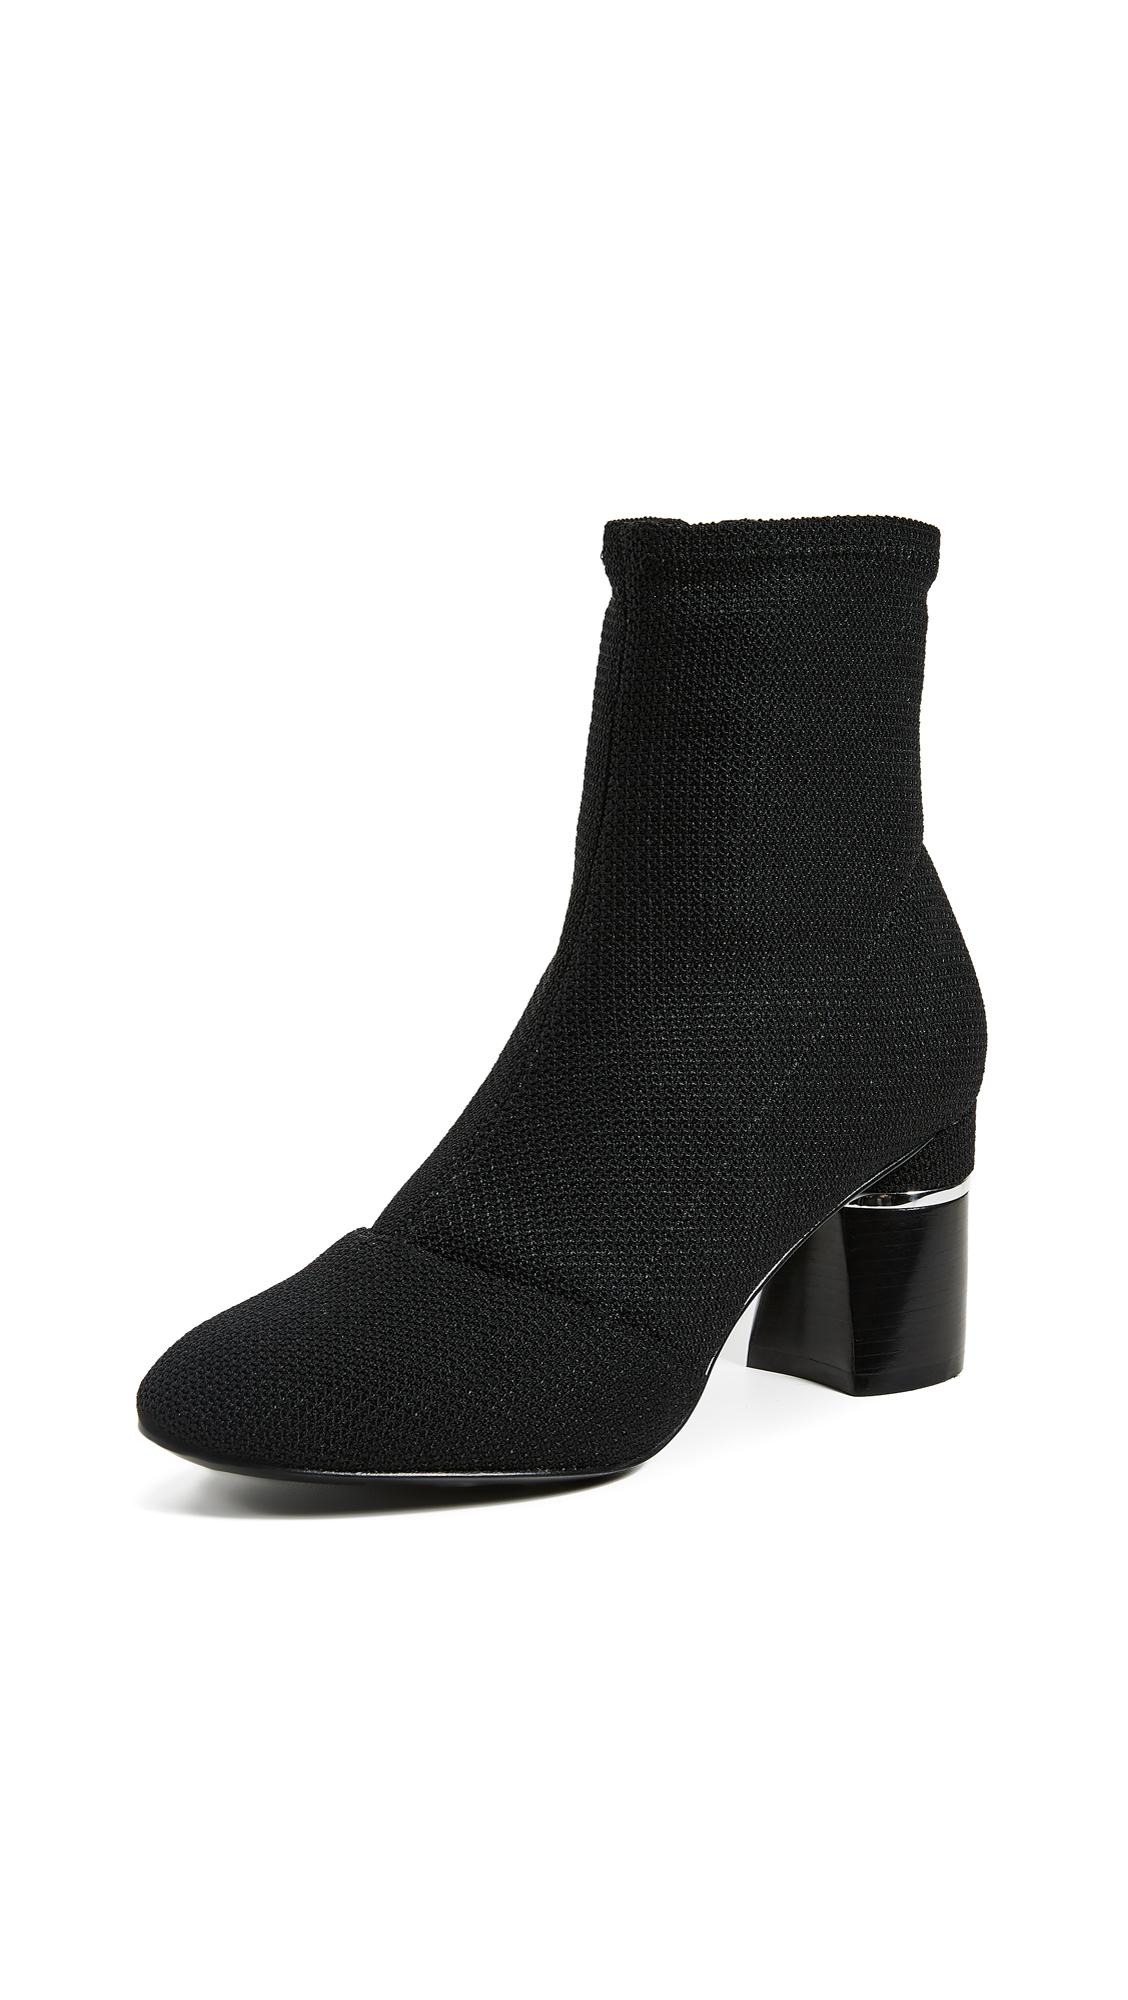 3.1 Phillip Lim Drum Ankle Boots - Black